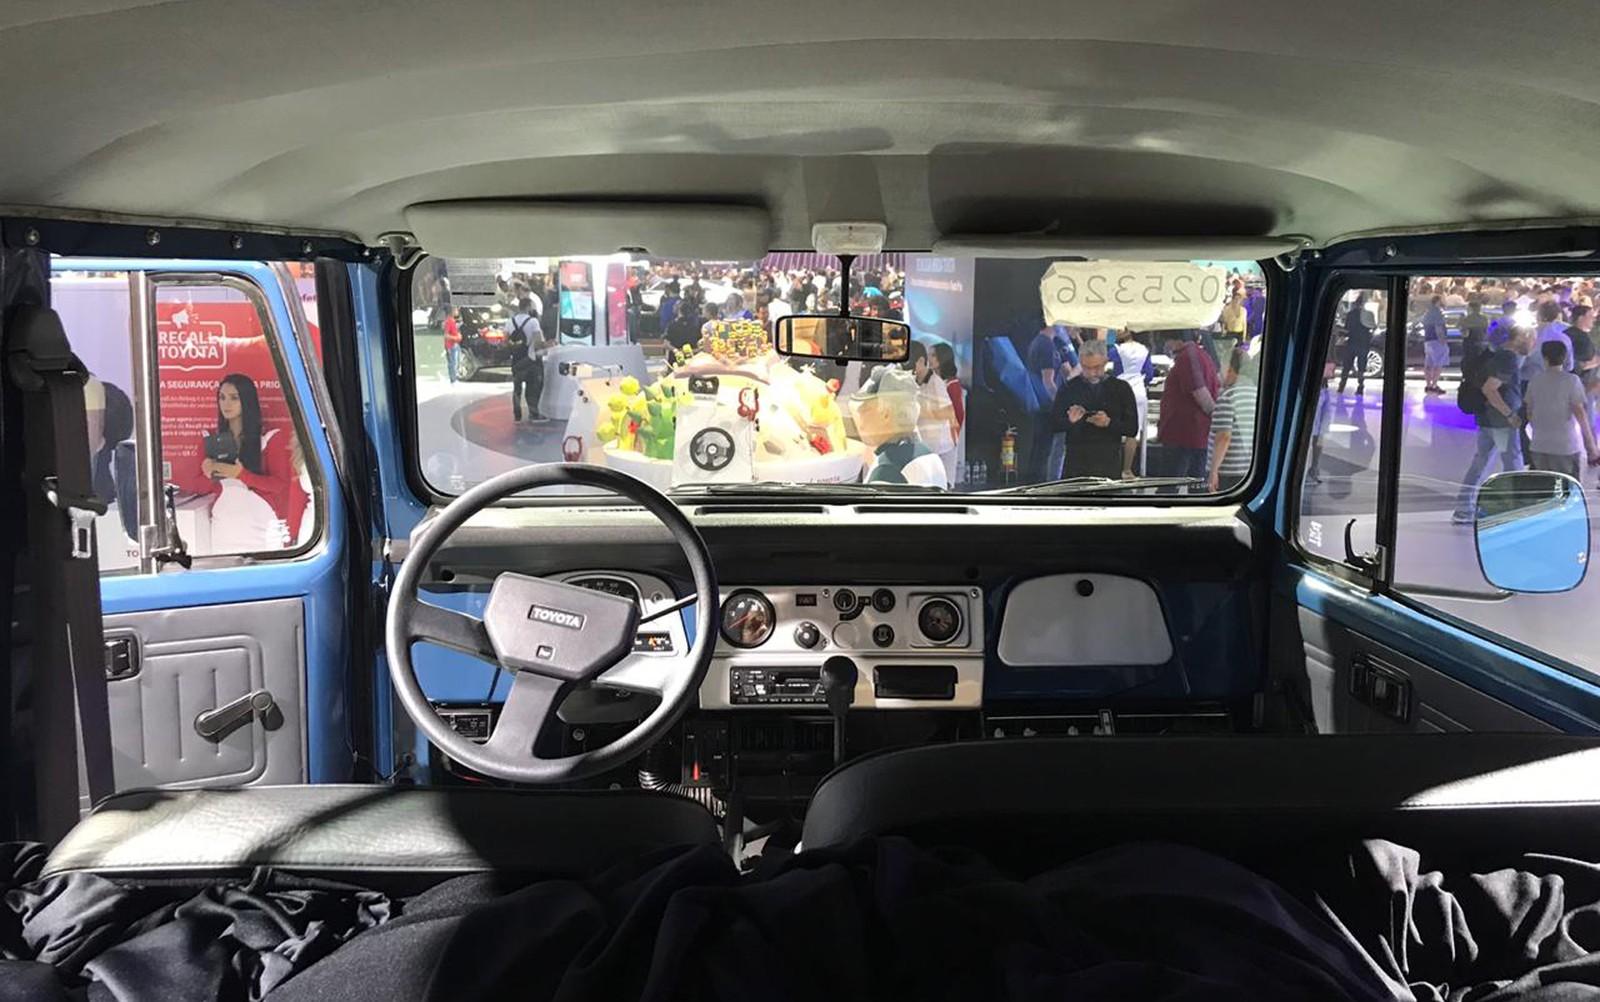 De Jeep da guerra até primeiro Porsche, marcas revivem clássicos no Salão do Automóvel Cabine-bandeirante